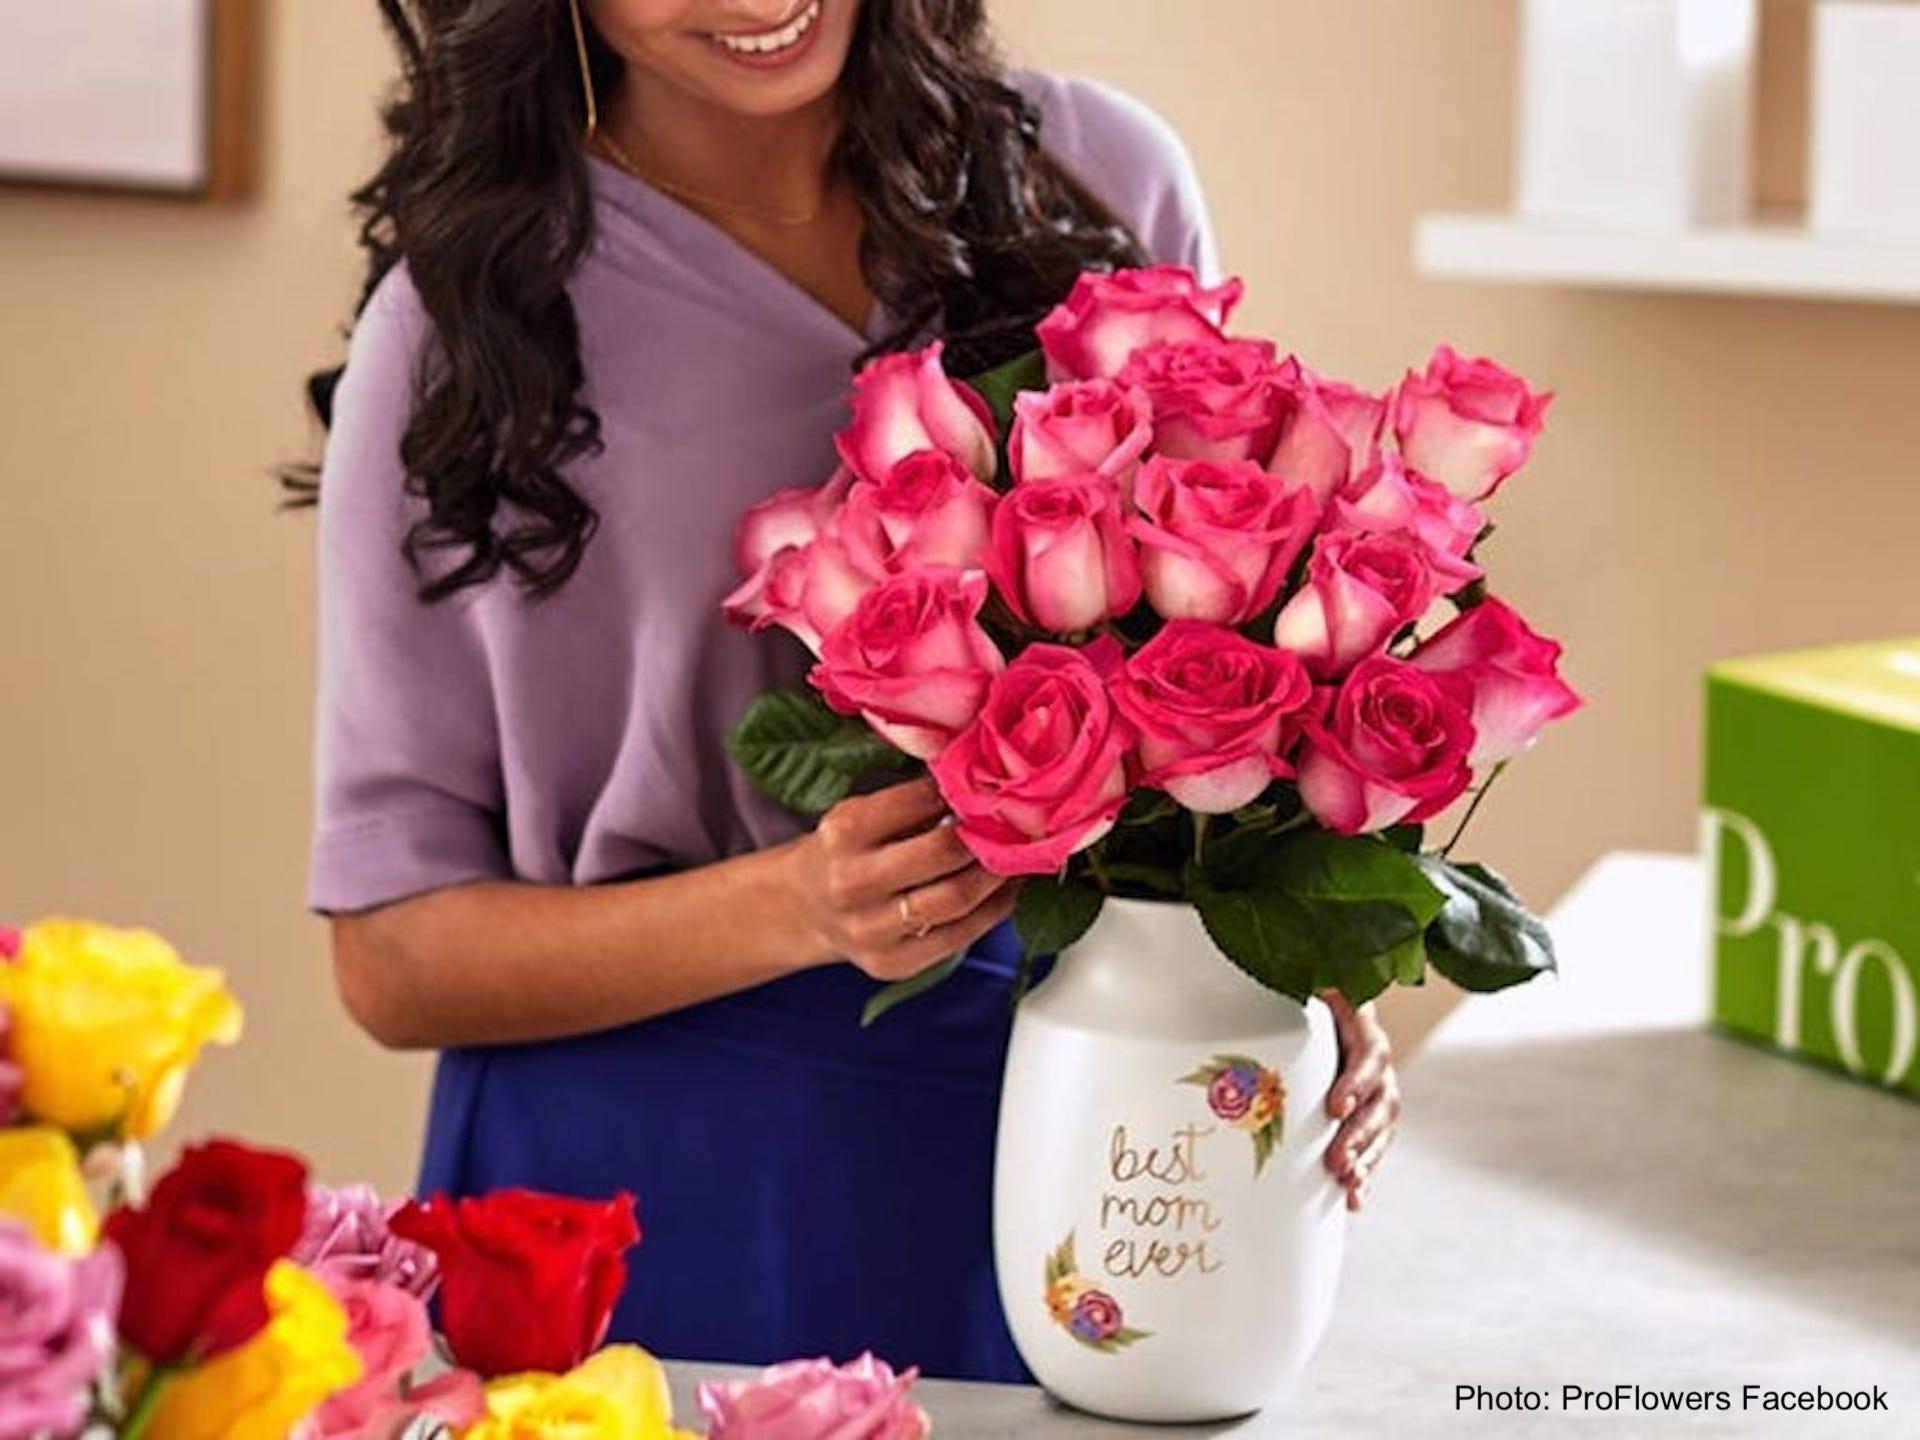 Fleuriste qui prépare un bouquet de roses.